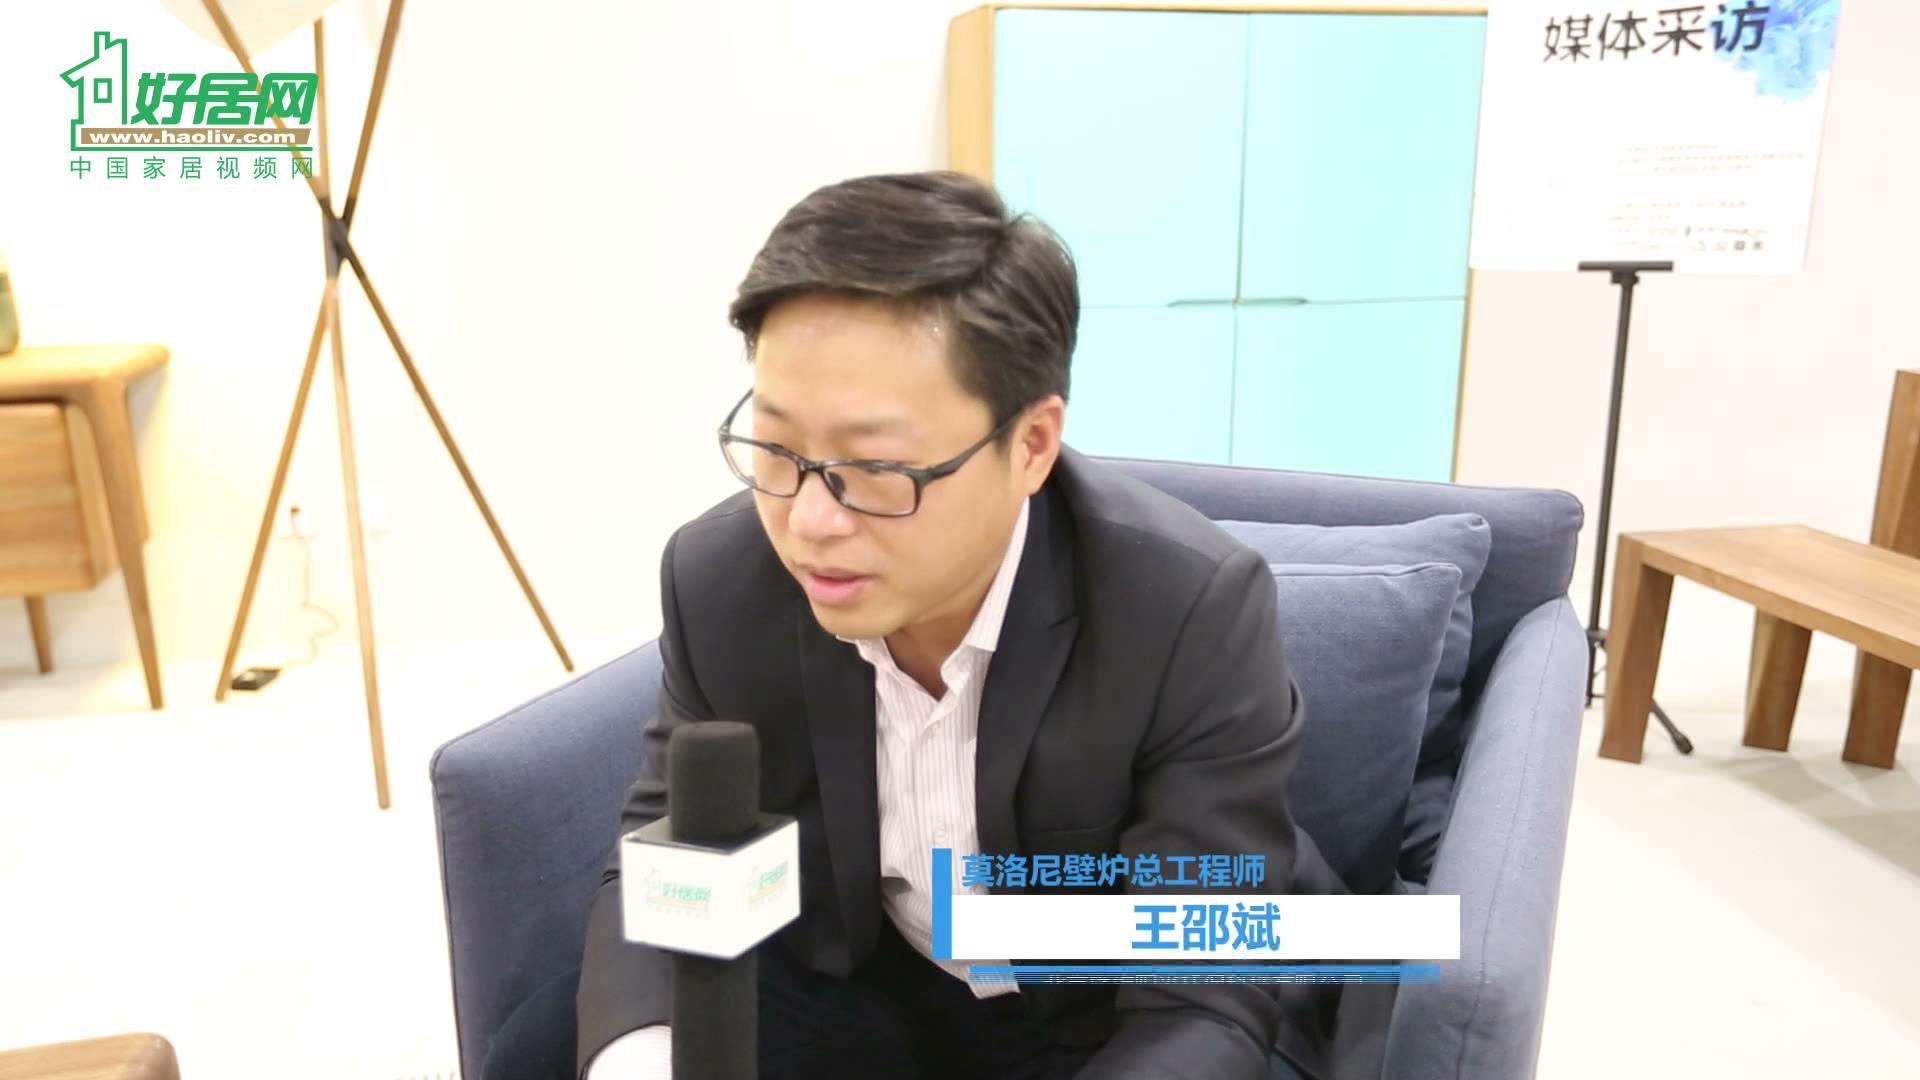 莫洛尼壁炉荣膺CBDA高峰论坛【2018年度设计师首选推荐品牌】